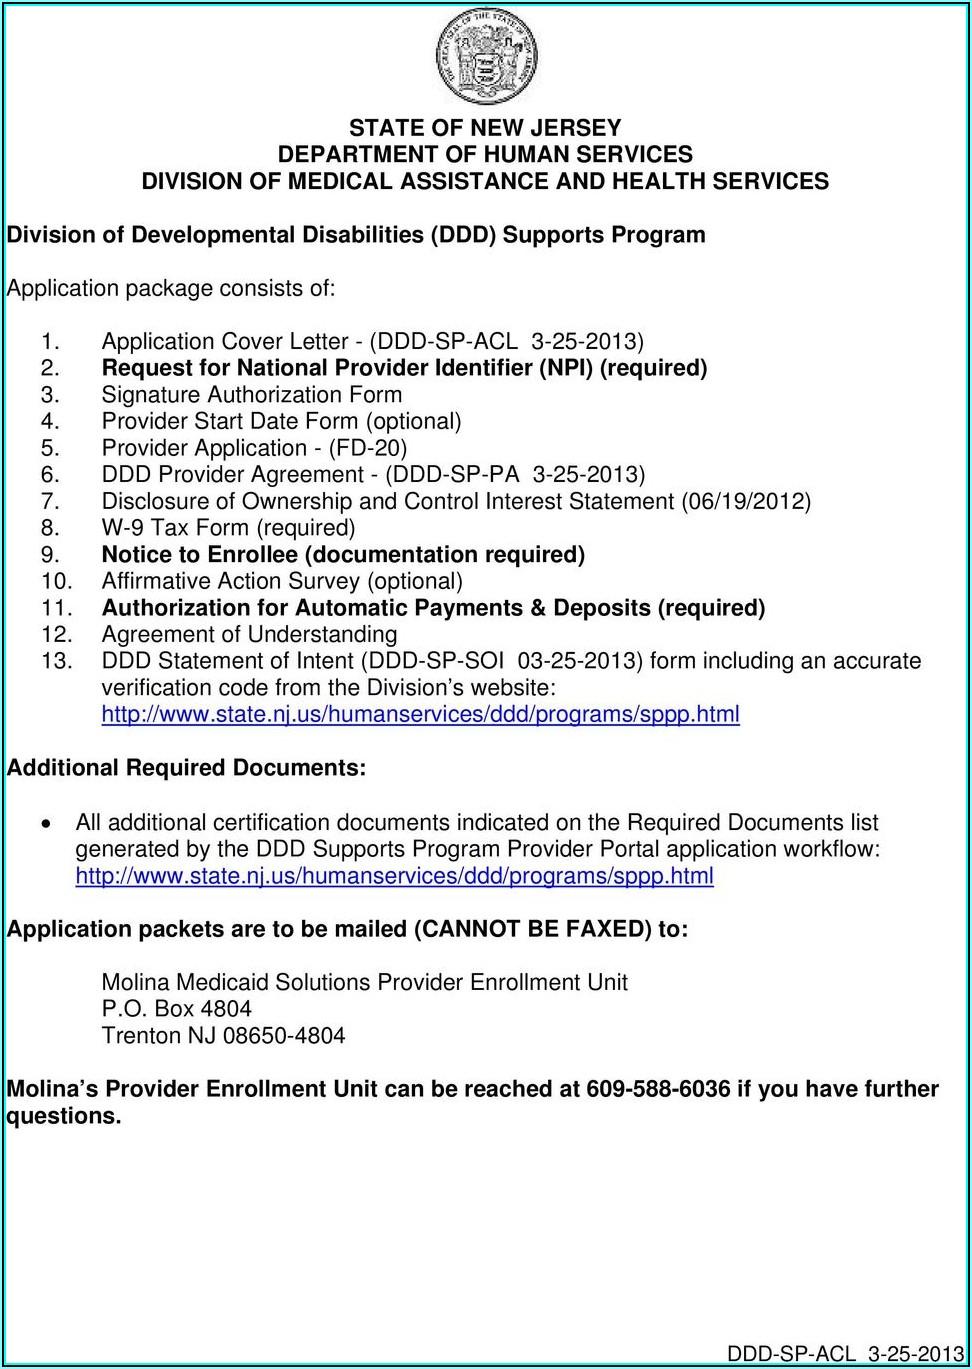 Nj Medicaid Provider Application Form